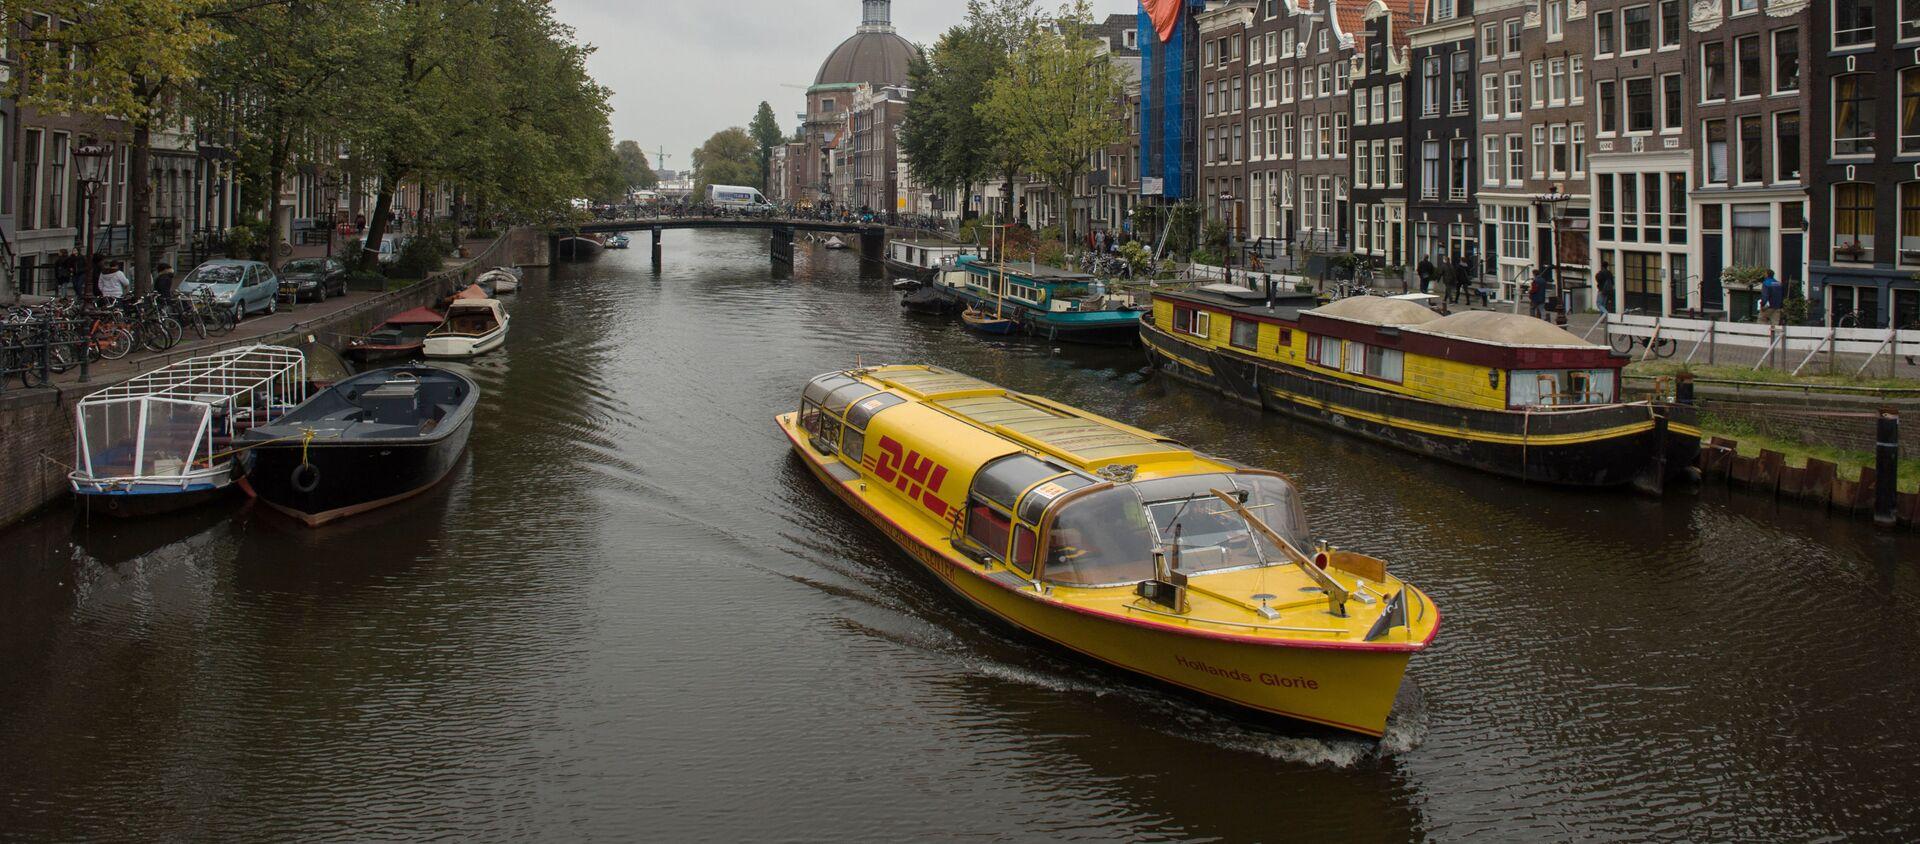 Города мира. Амстердам - Sputnik Грузия, 1920, 05.08.2021